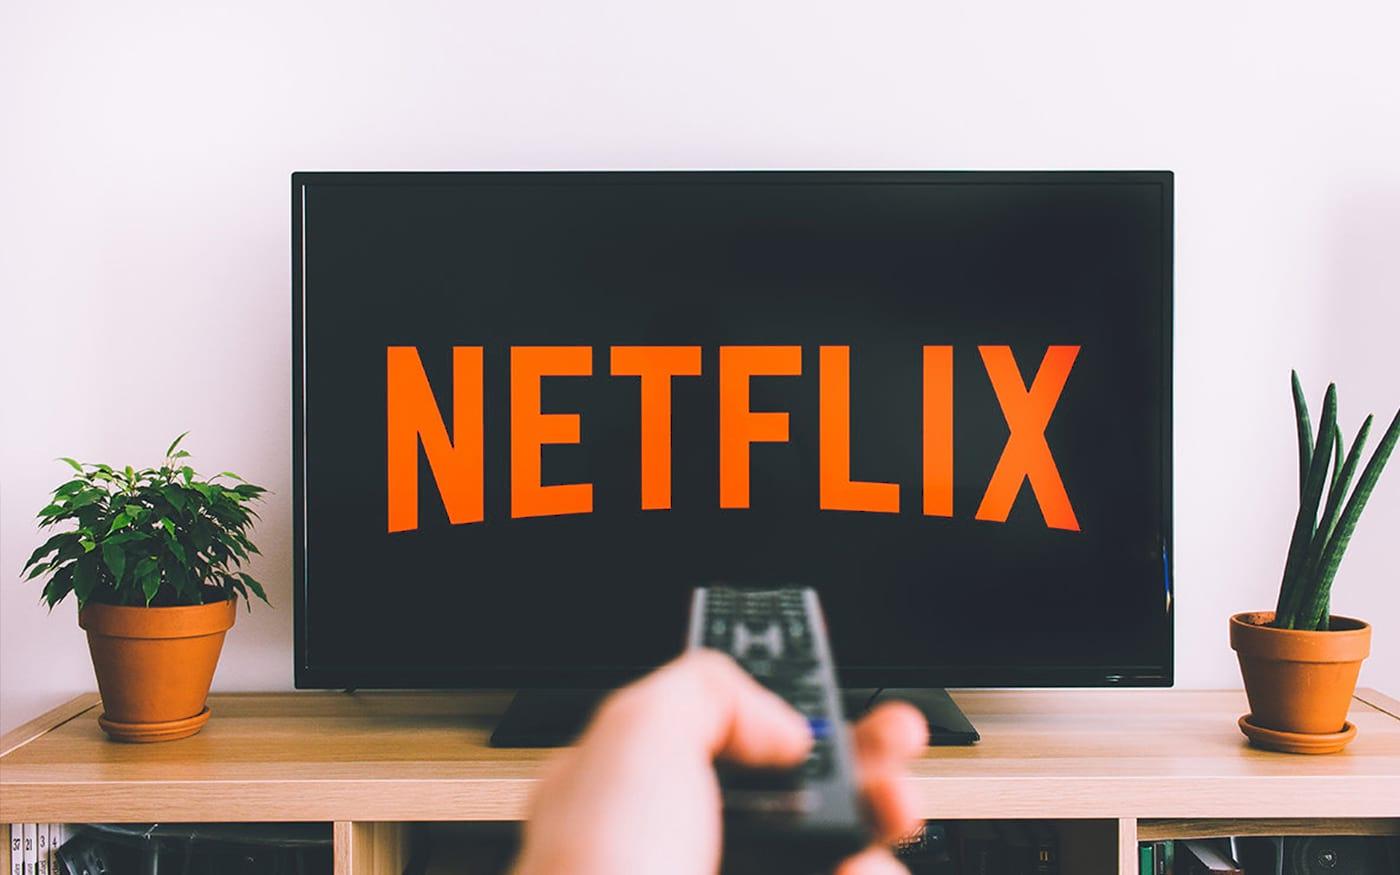 Netflix deixará de funcionar em Smart TVs antigas da Samsung a partir de dezembro